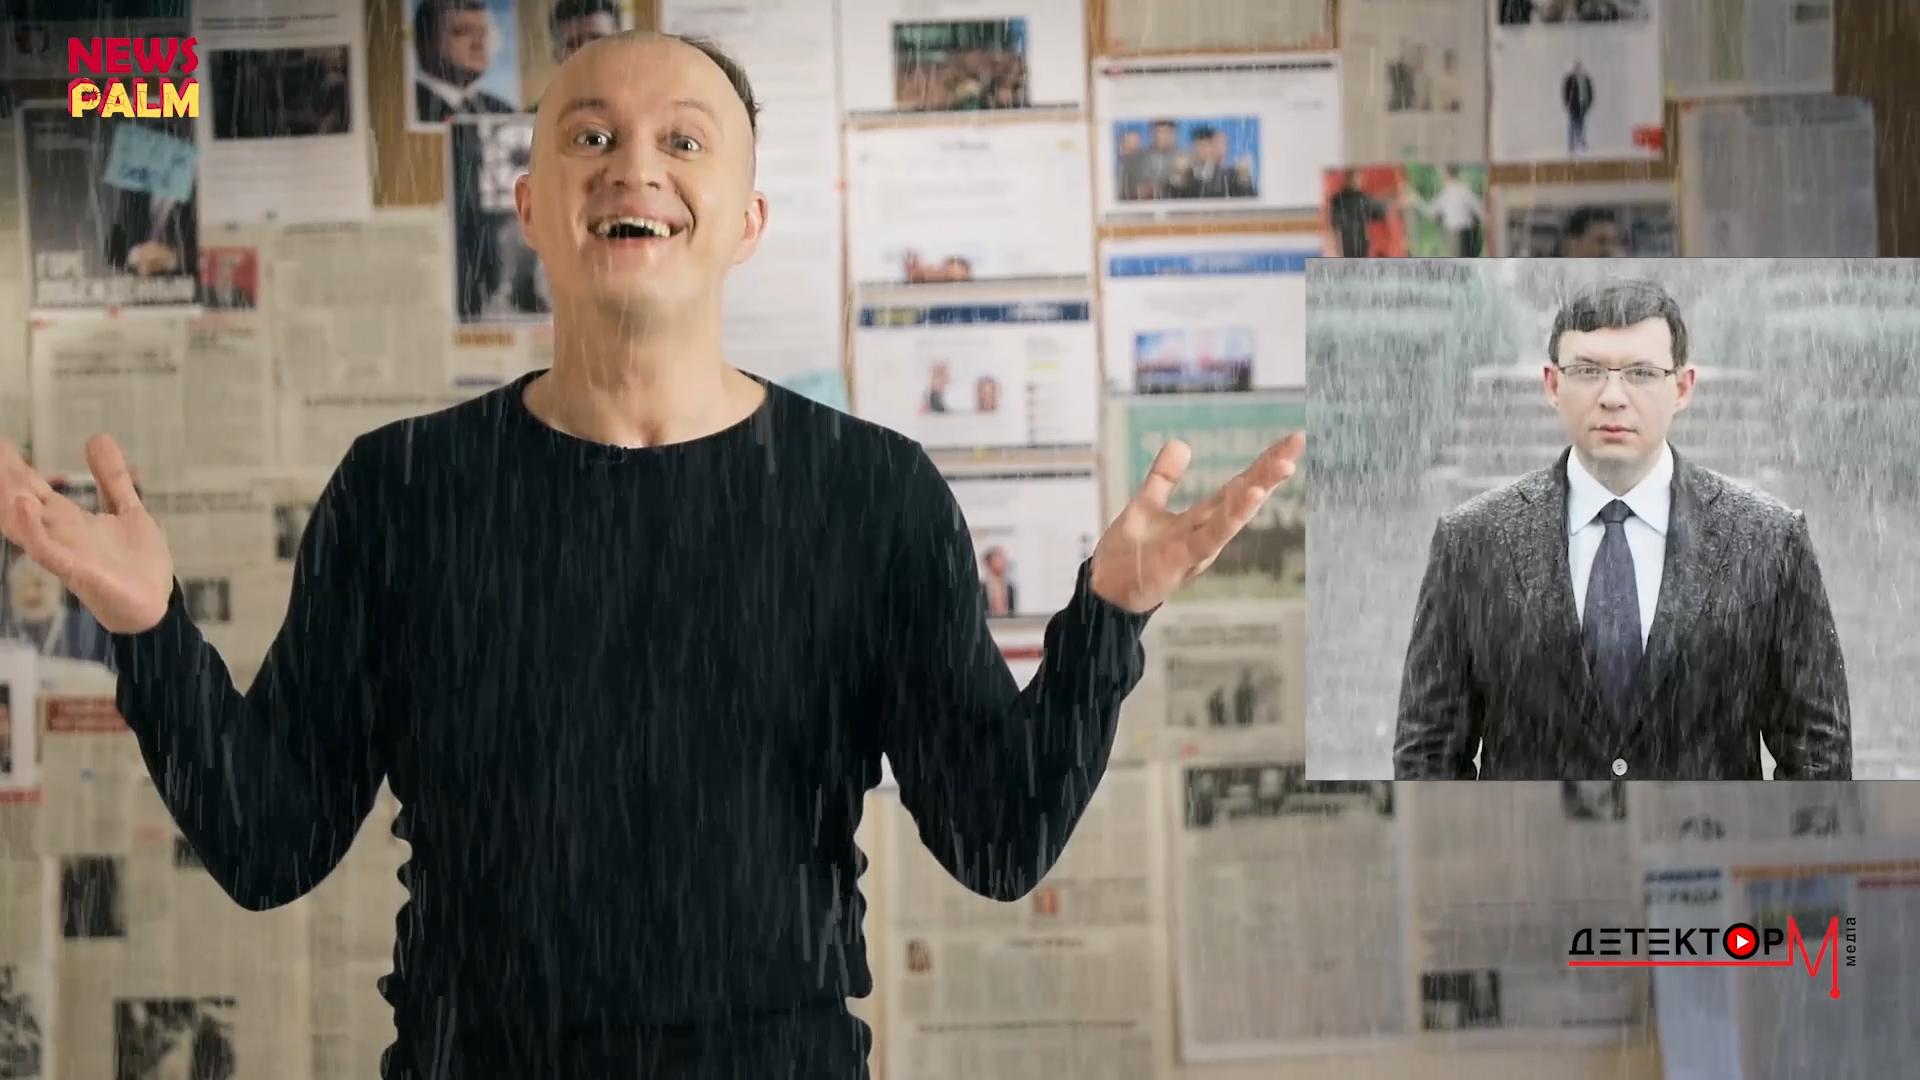 Мураєв під дощем, Кива хоче одружитися на Соколовій, Ганапольський пестить гостей/Ньюспалм #10